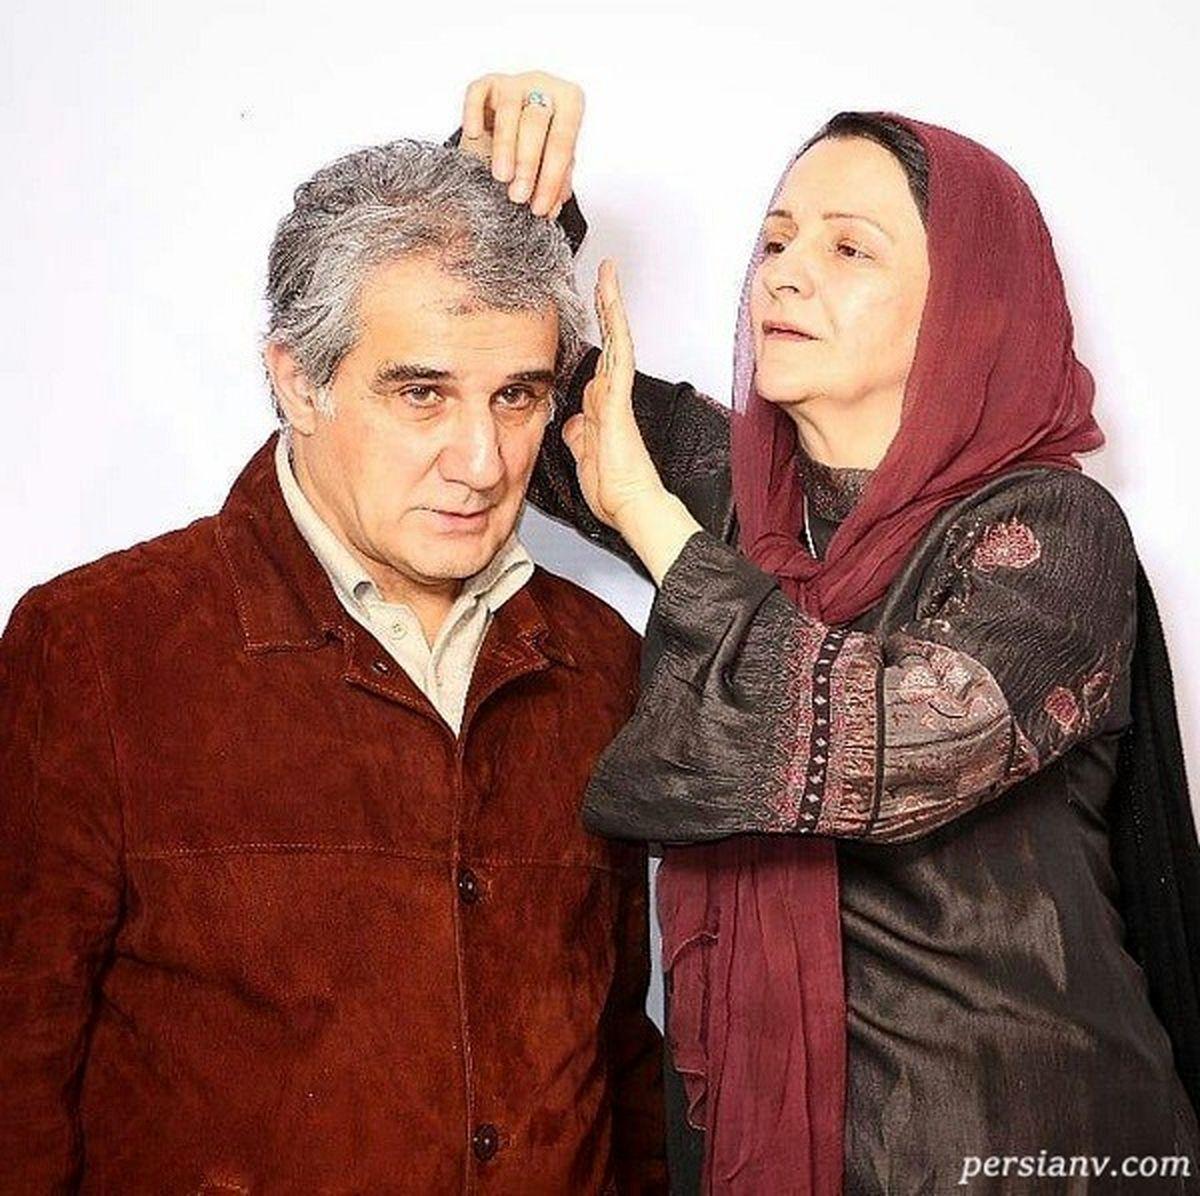 ازدواج مجدد مهدی هاشمی که دخترش تکذیب و خود تایید کرد!